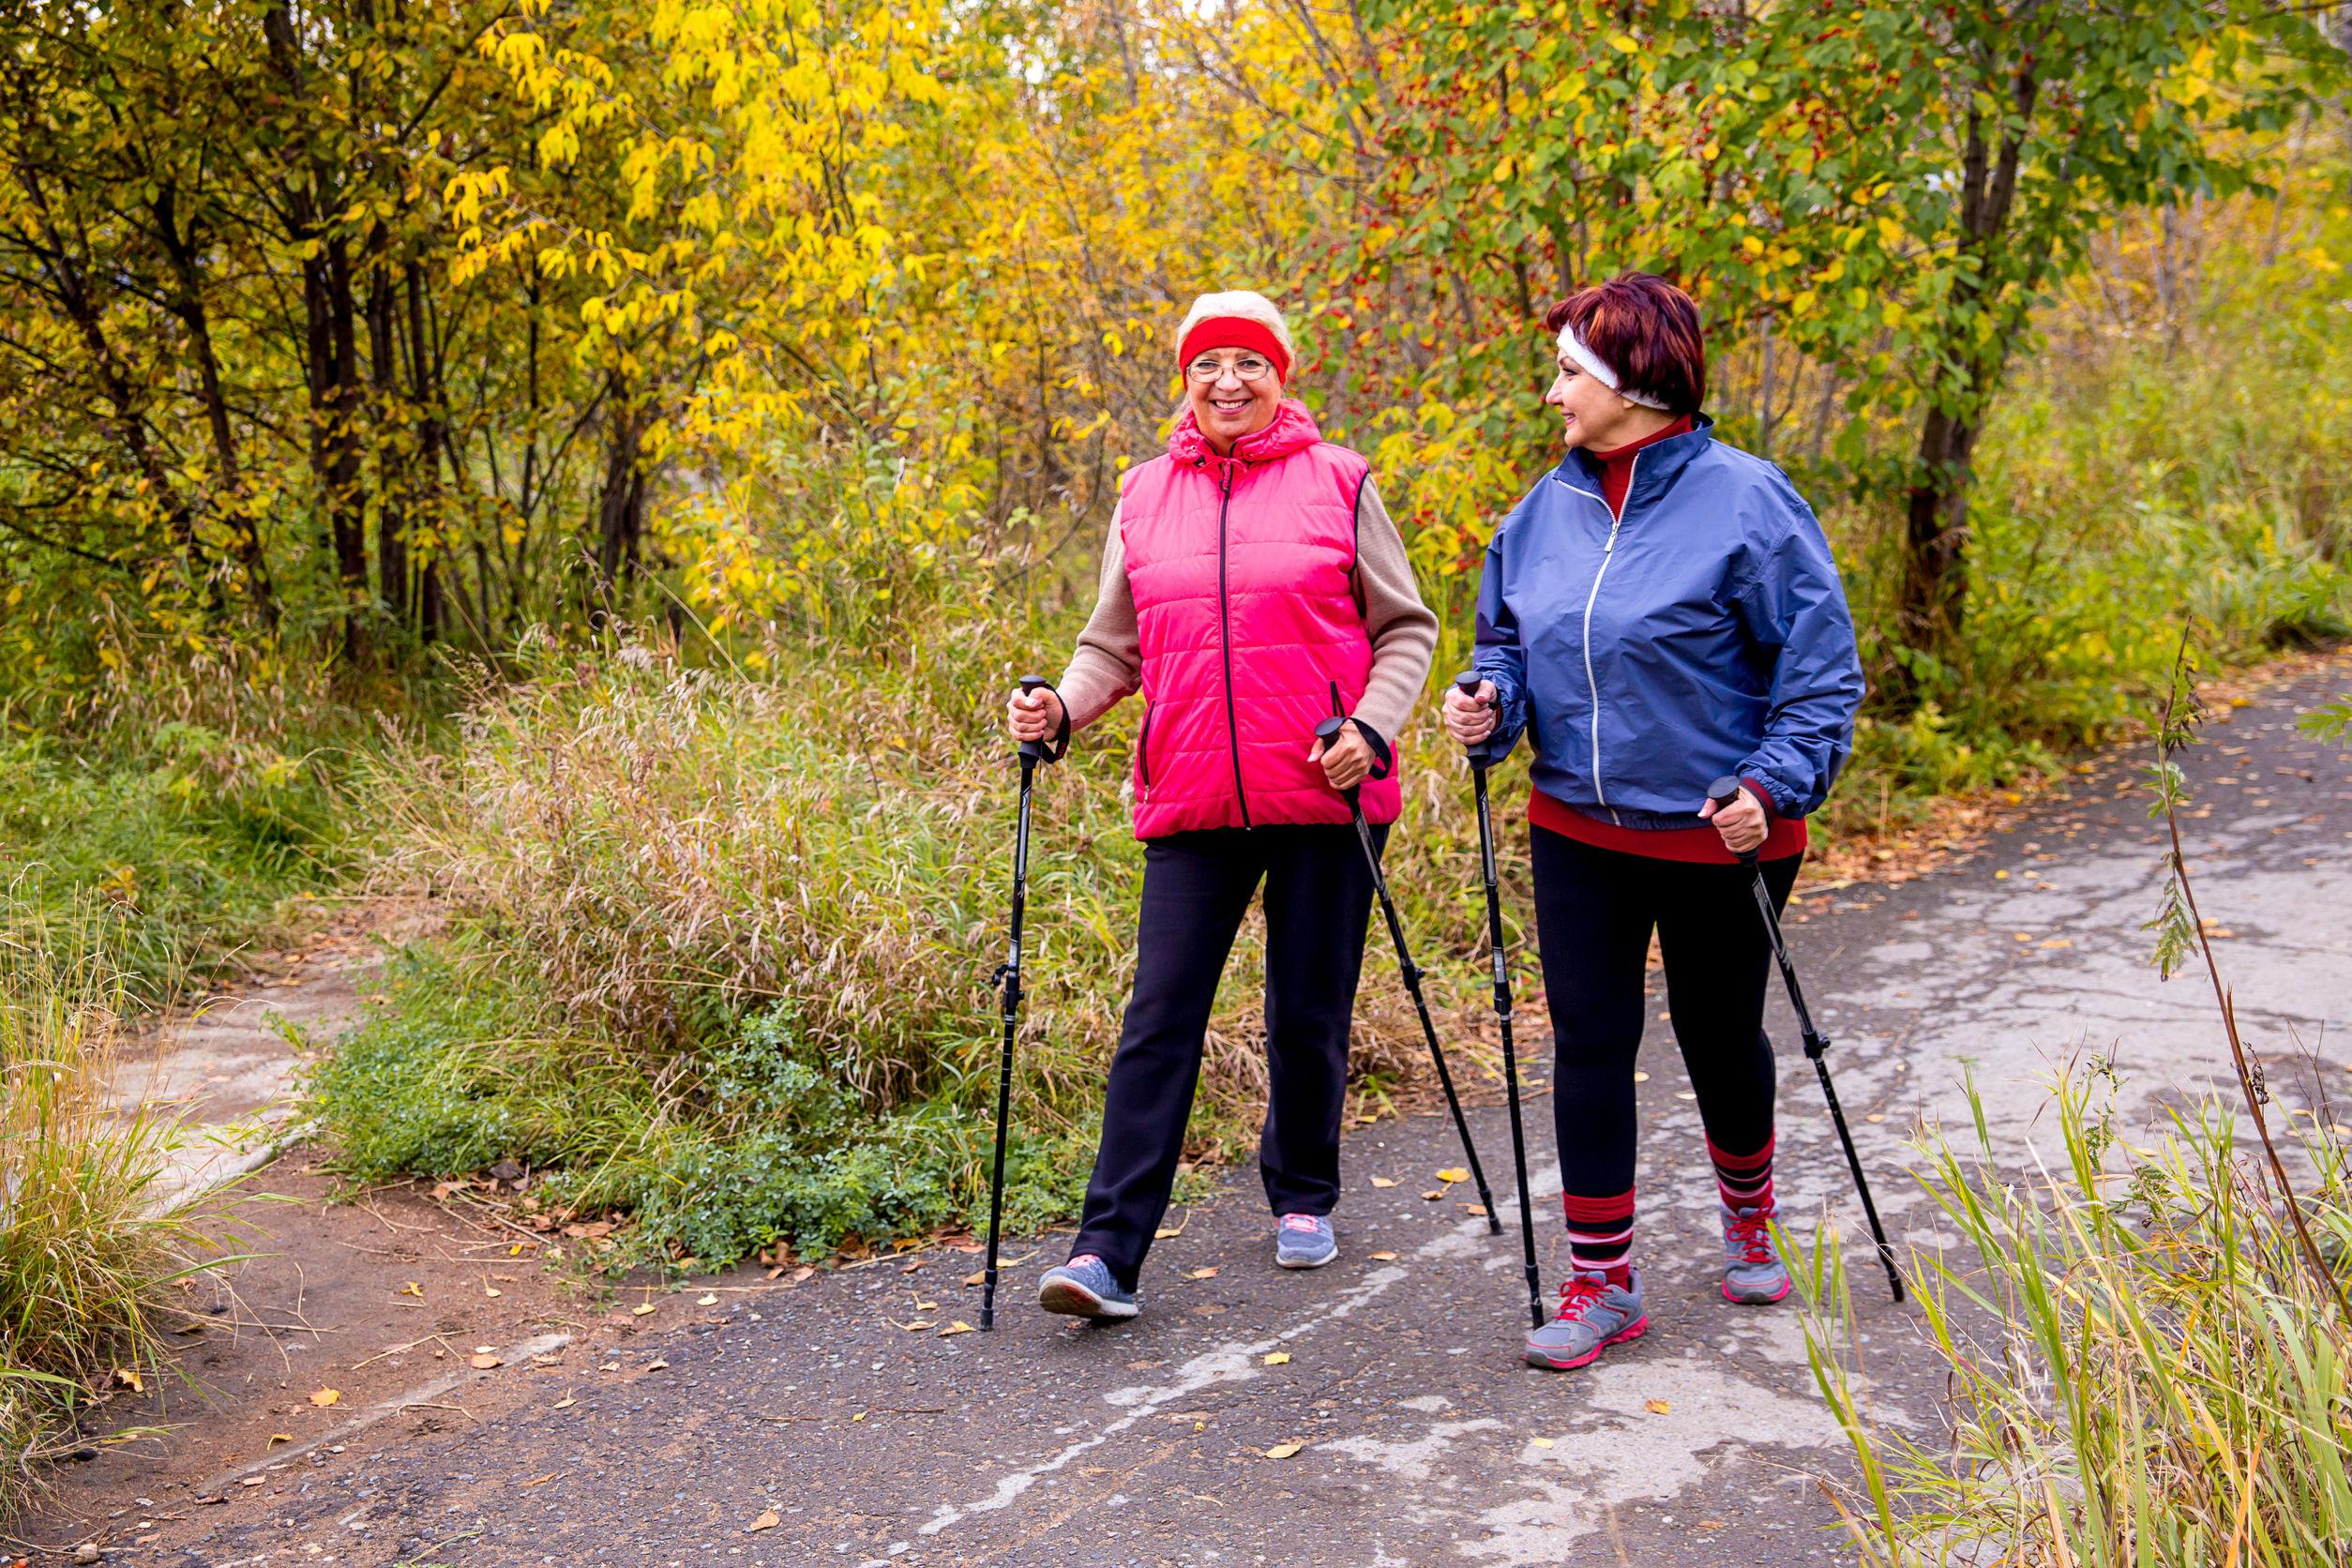 gyakorolható-e az északi gyaloglás magas vérnyomással)